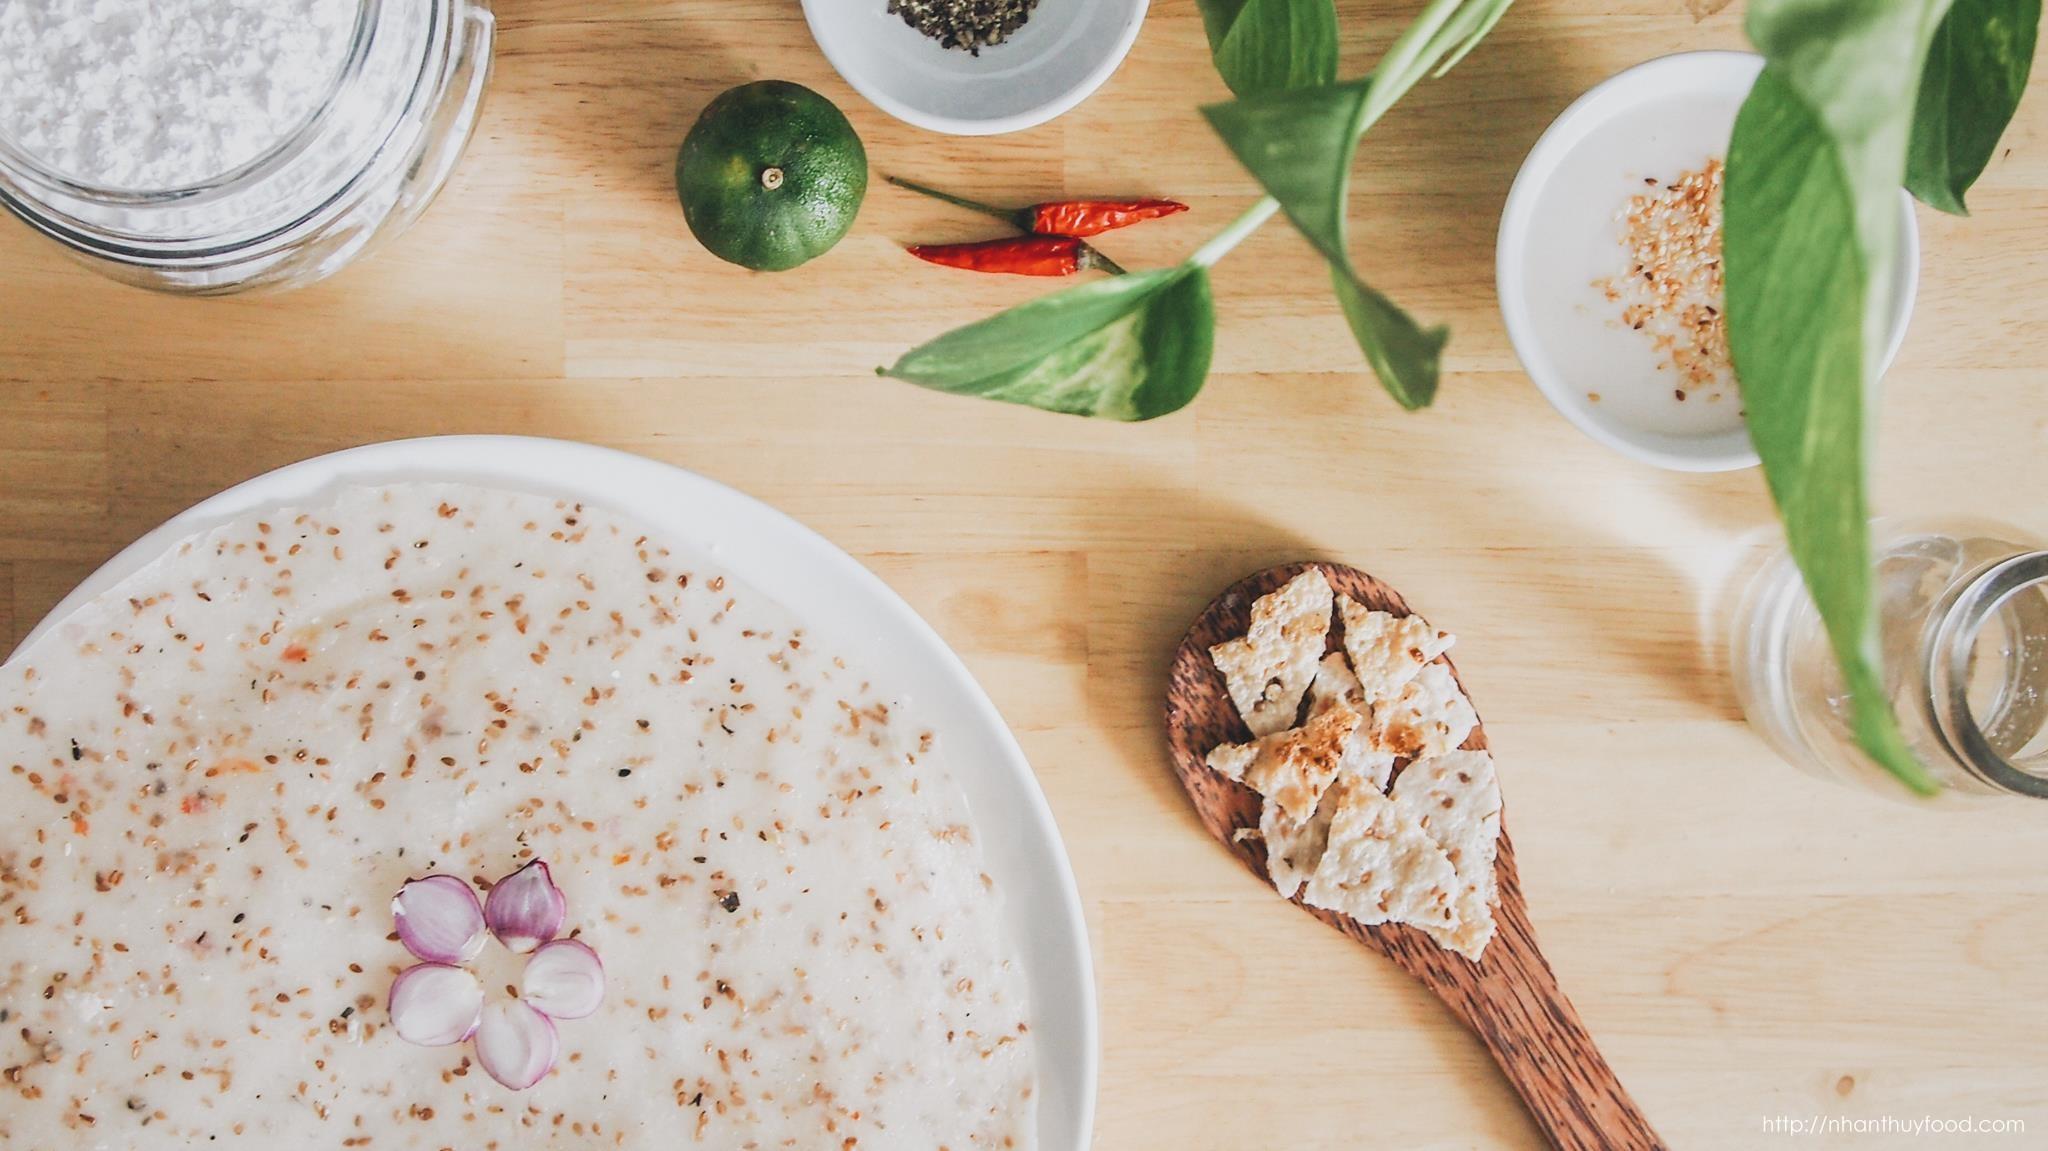 bánh tráng dừa Nhân Thuỳ, Tam Quan, Bình Định ( h ìnhảnh do Badila dành tặng Nhân Thuỳ)